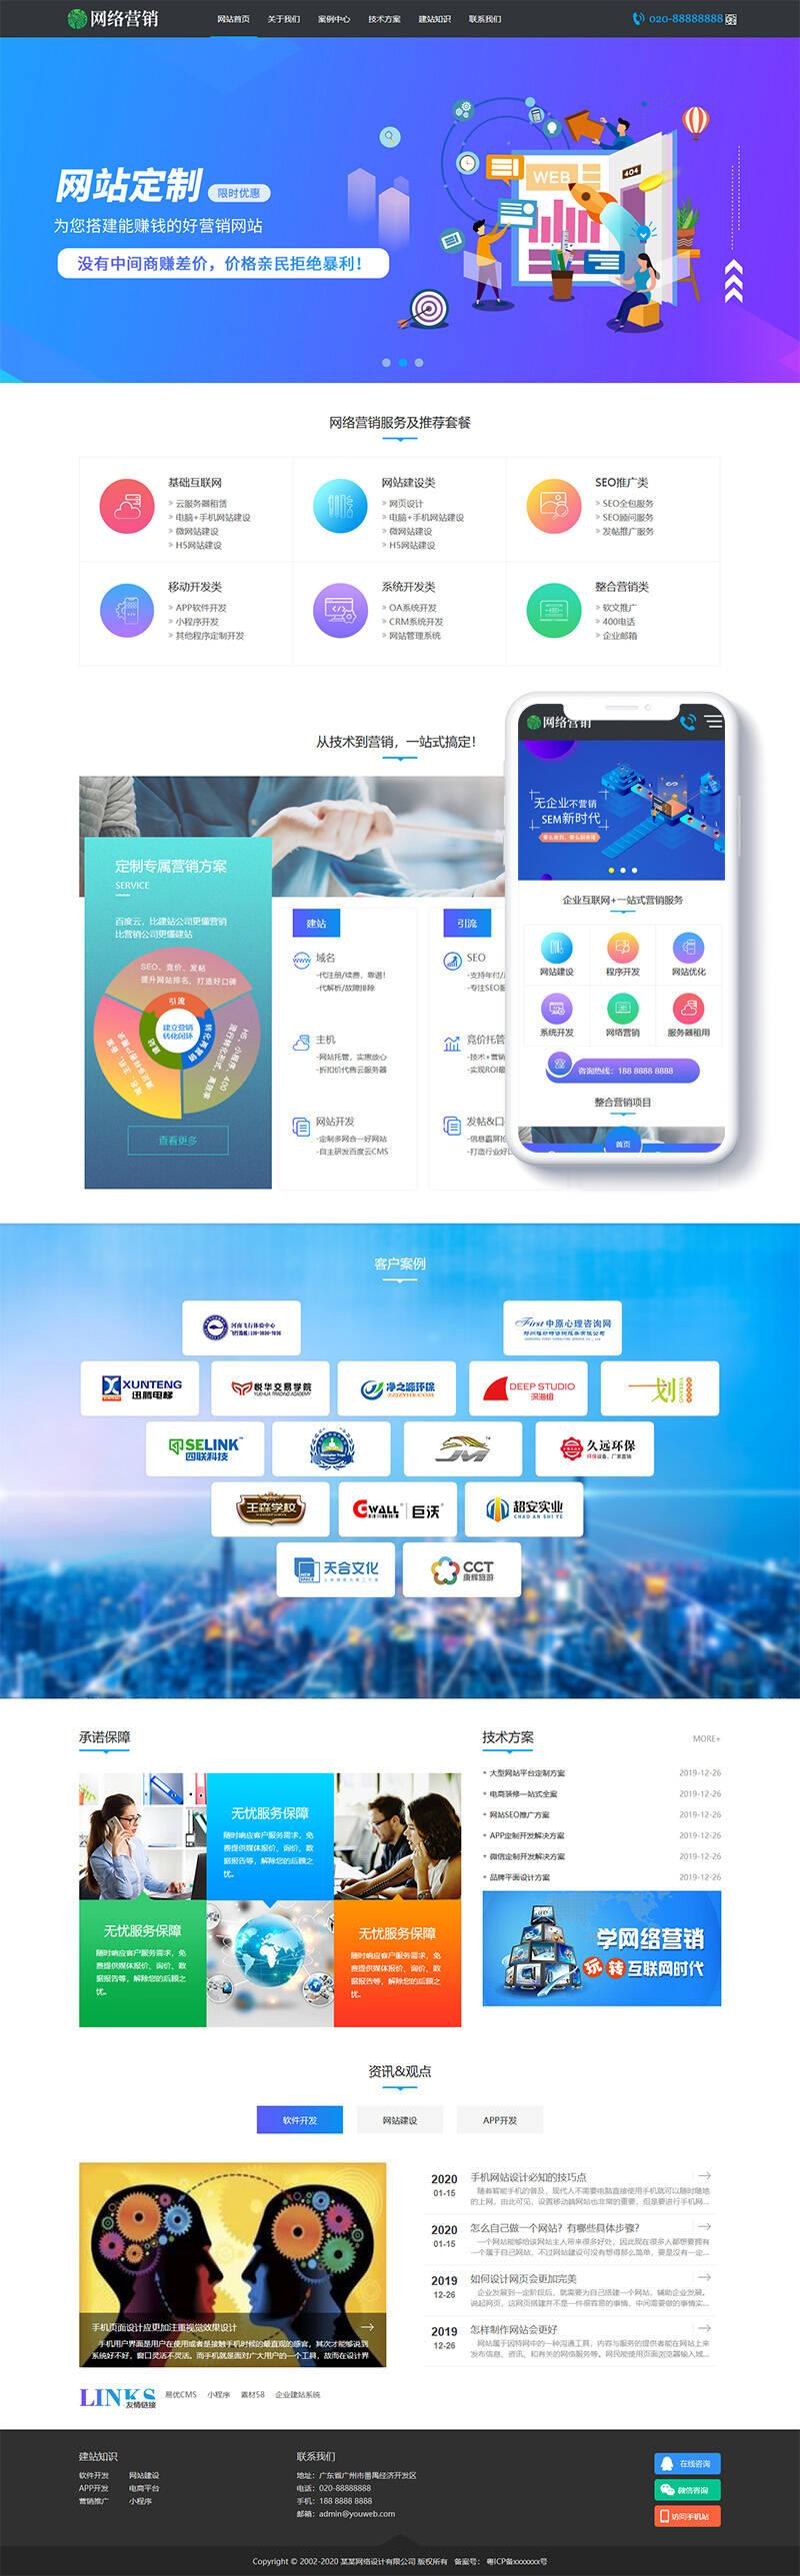 【织梦网络公司网站模板】网站建设营销推广类织梦响应式模板自适应手机版